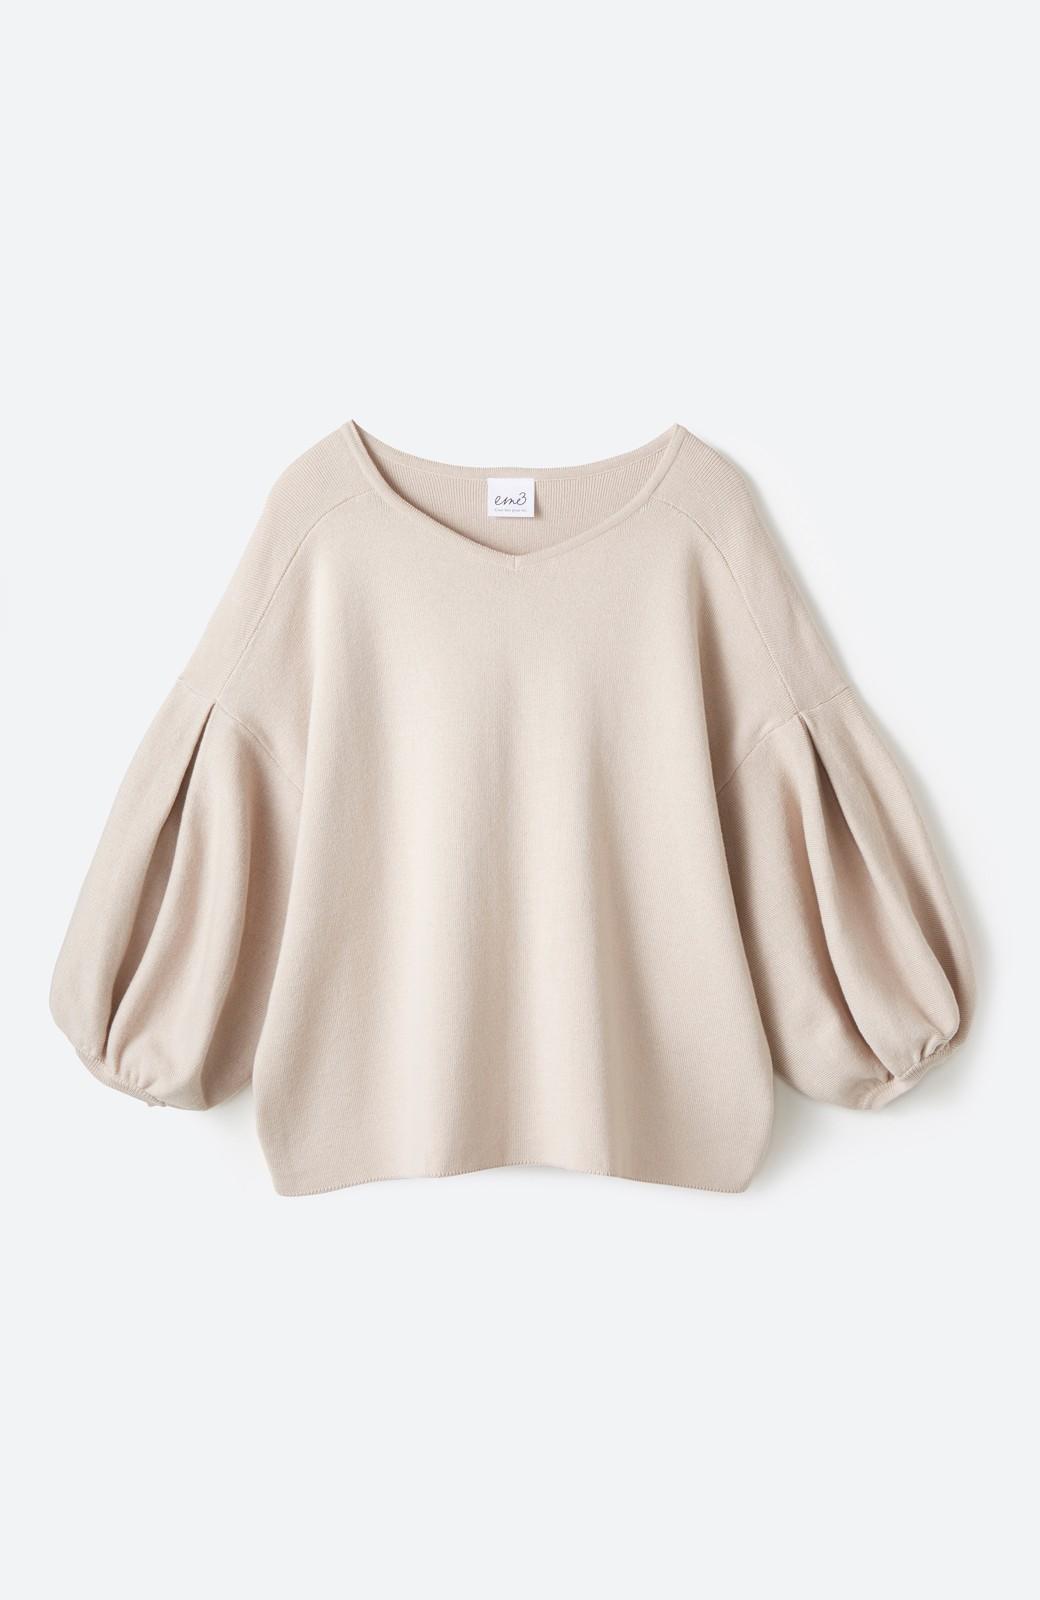 エムトロワ パッと着るだけで上品&今気分 きれいめ総針編みのぷっくり袖ニット <ベージュ>の商品写真1